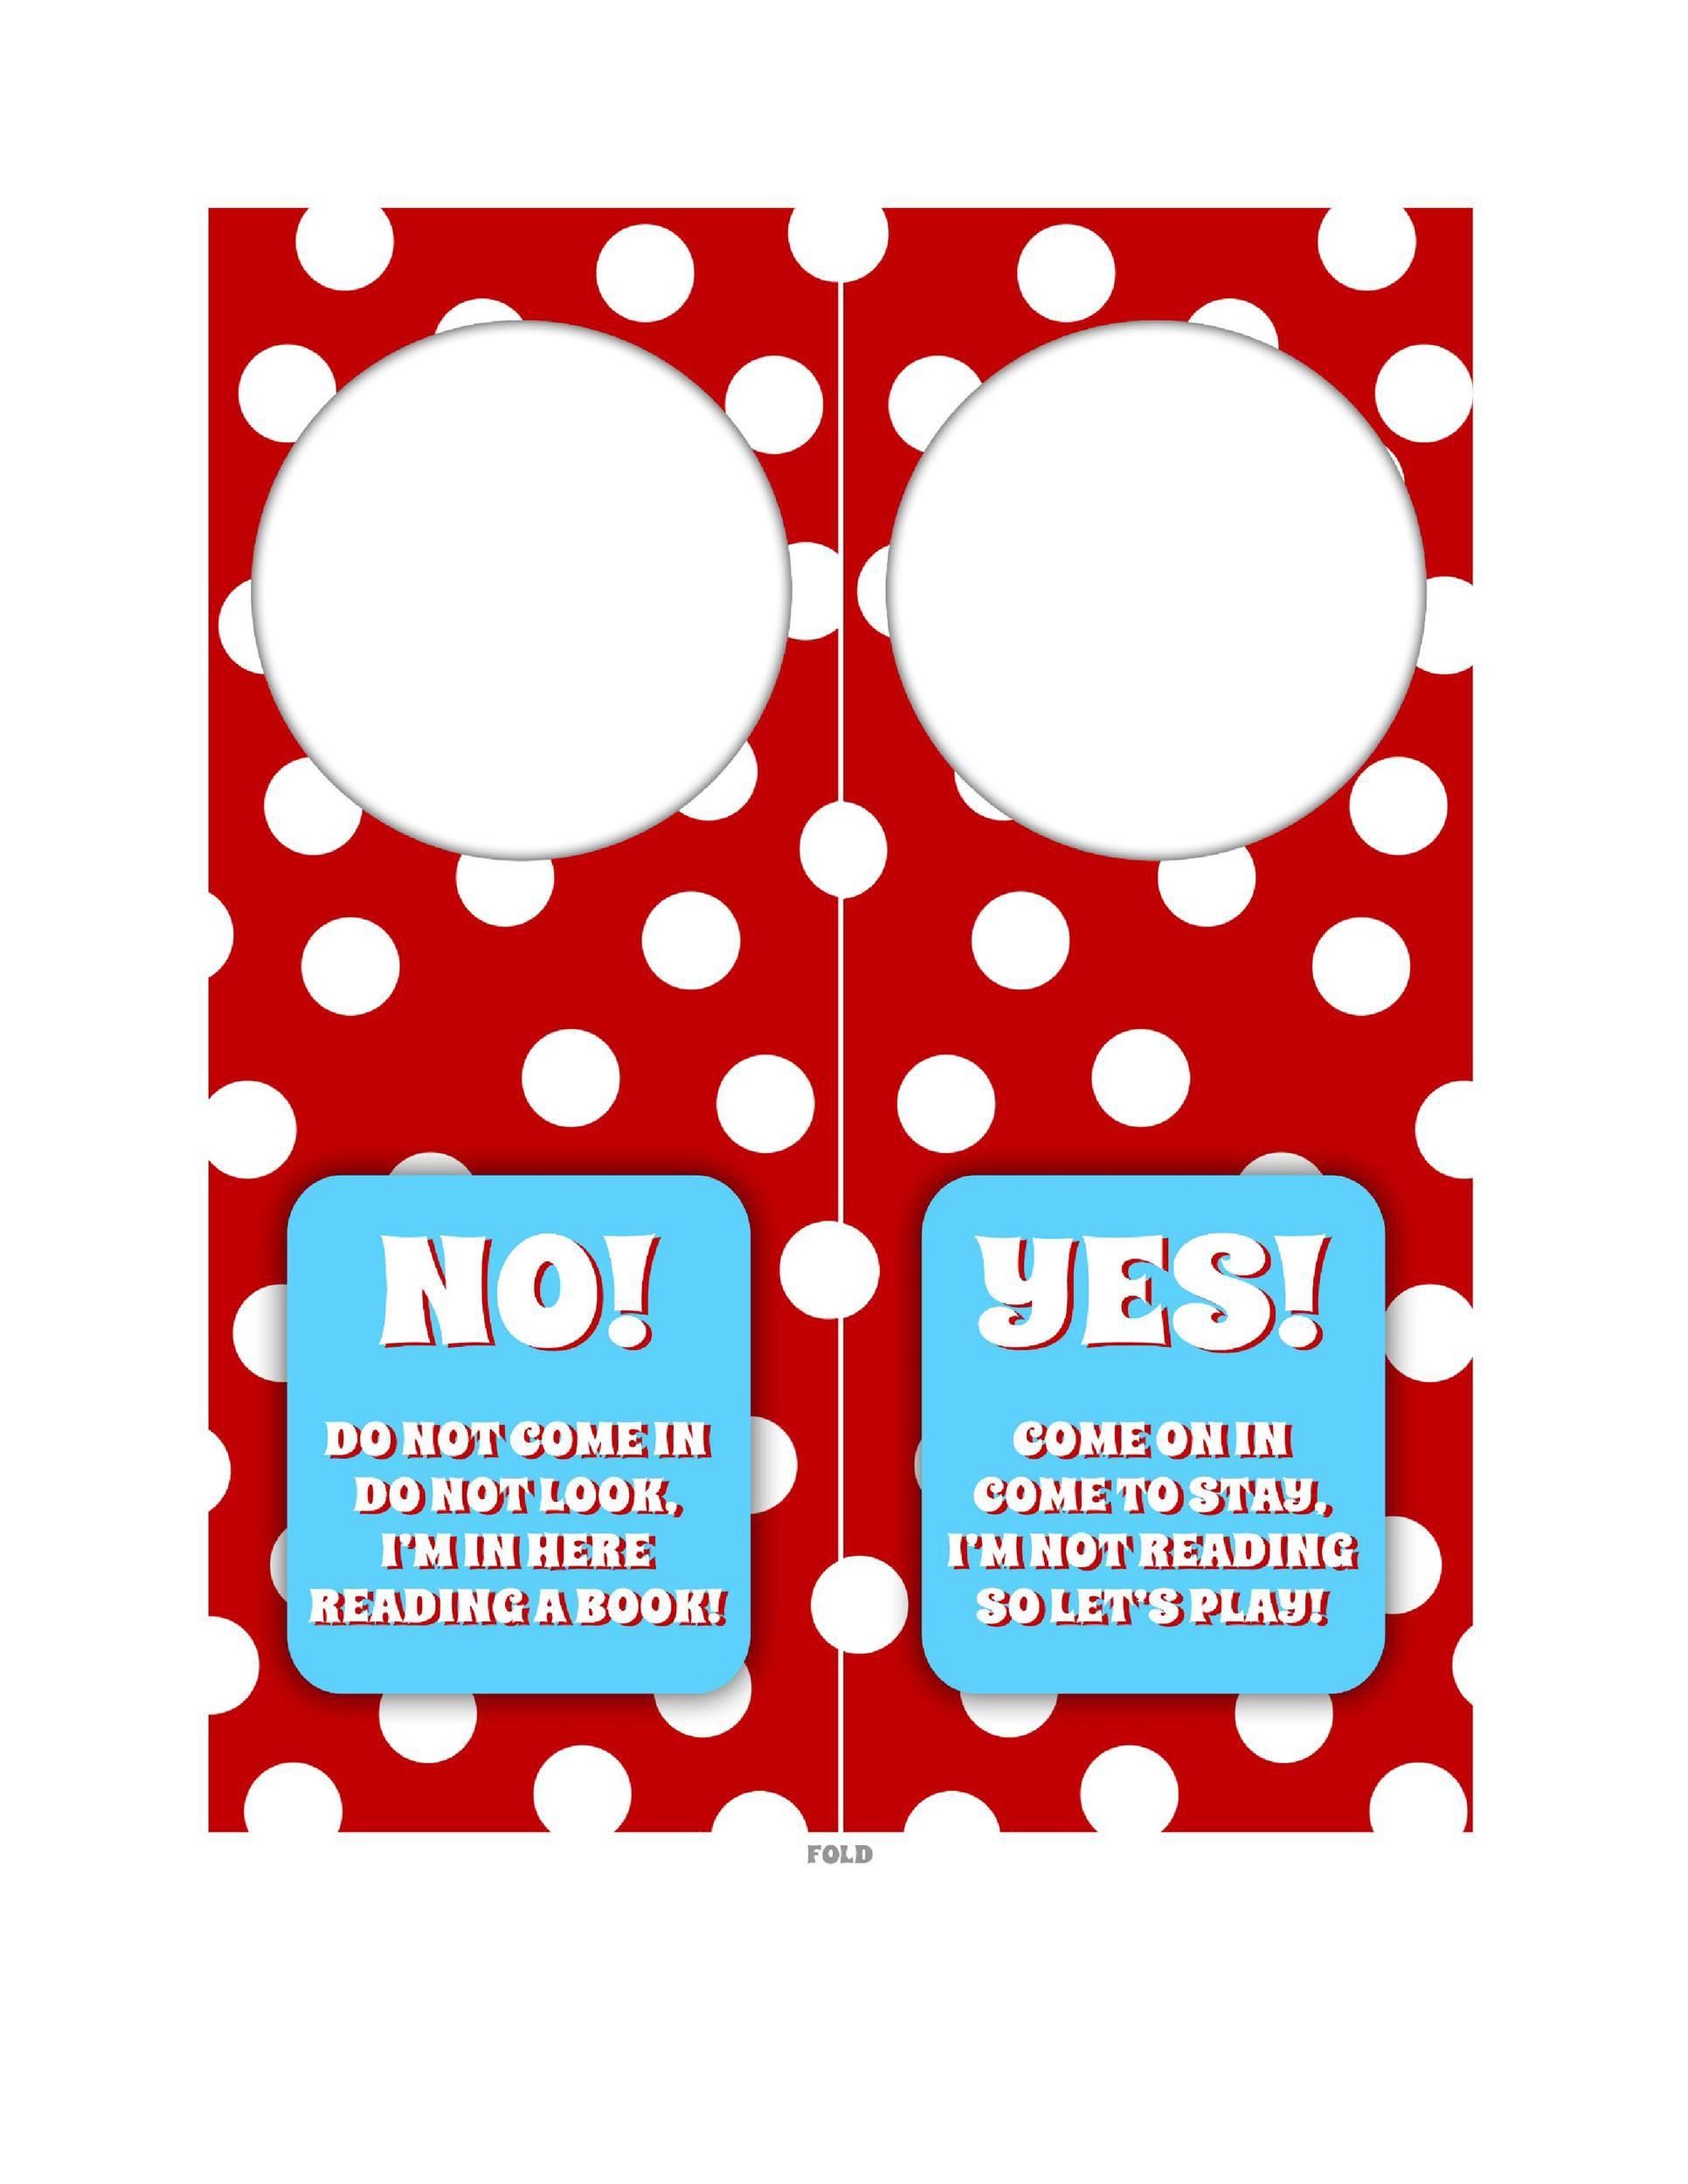 005 Dreaded Free Printable Door Hanger Template Design  Templates Wedding EditableFull